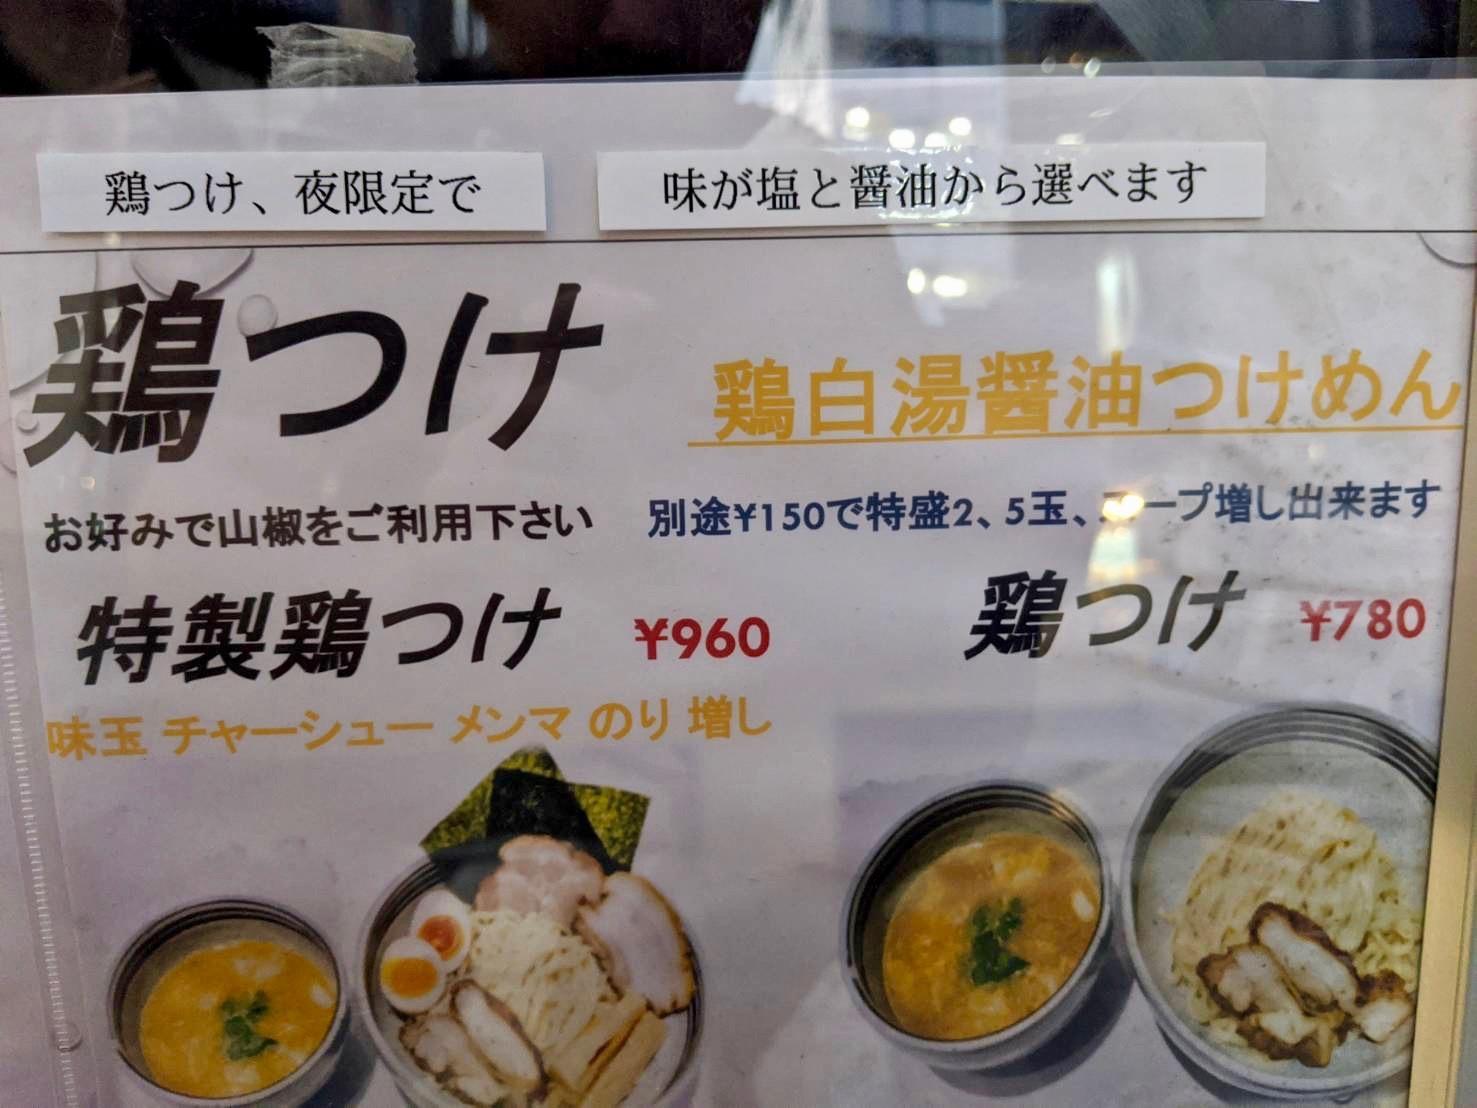 麺彩房弐NEXT POP 鶏つけそばの味が選べます